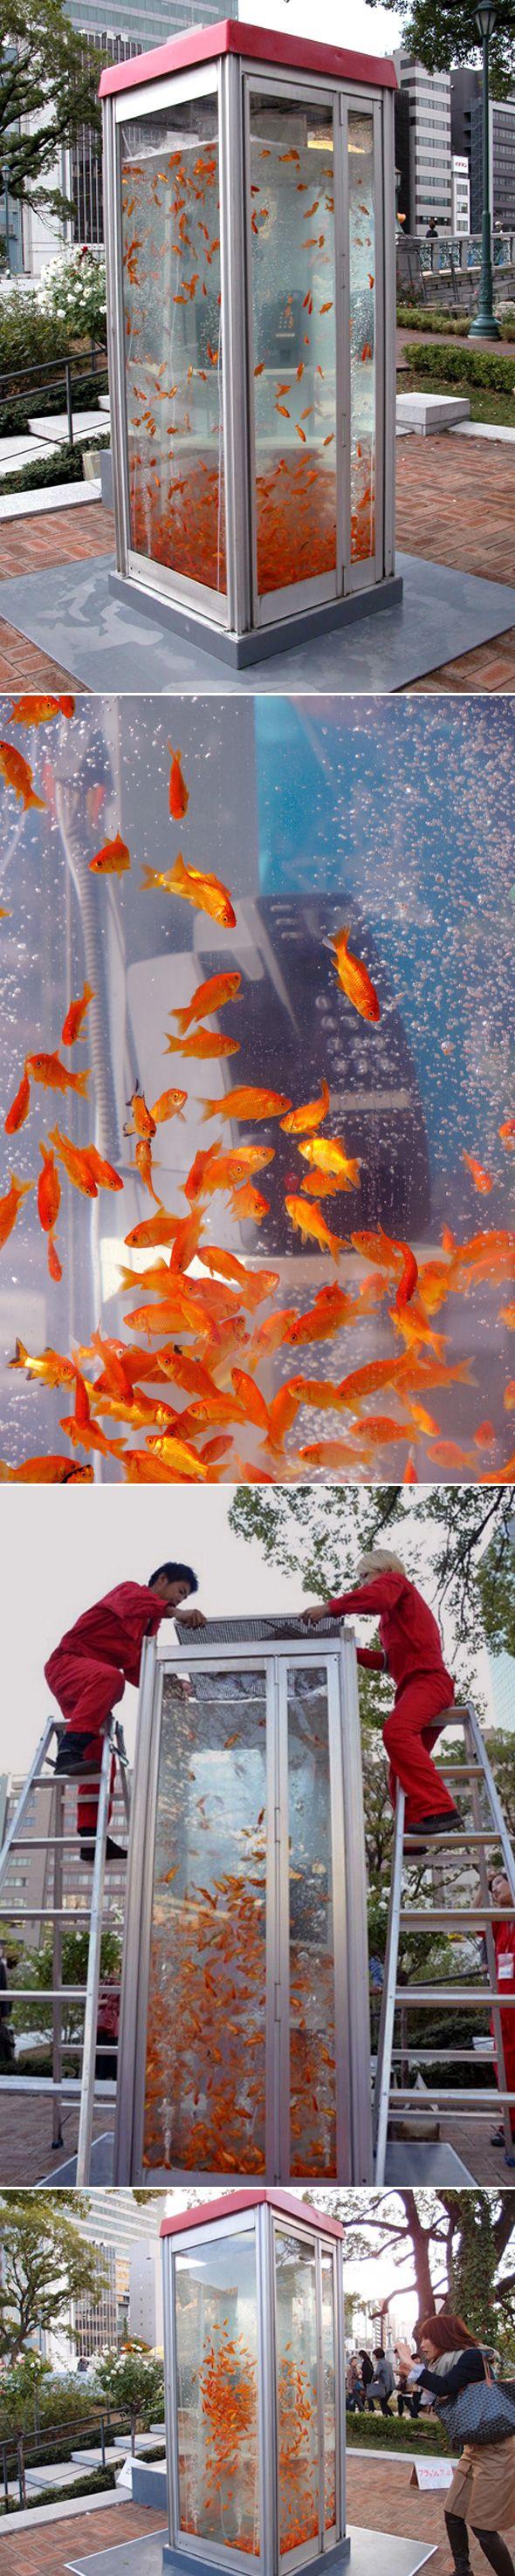 Le collectif de jeunes artistes japonais baptisé «Kingyobu» est à l'origine de cette transformation d'une cabine téléphonique en aquarium géant.  Pour les personnes nées après 1995, les cabines téléphoniques étaient ce genre de boîtes de verre où l'on pouvait téléphoner grâce à quelques pièces. Mobilier urbain totalement abandonné, le collectif a décidé de lui donner une nouvelle fonction et une seconde vie.